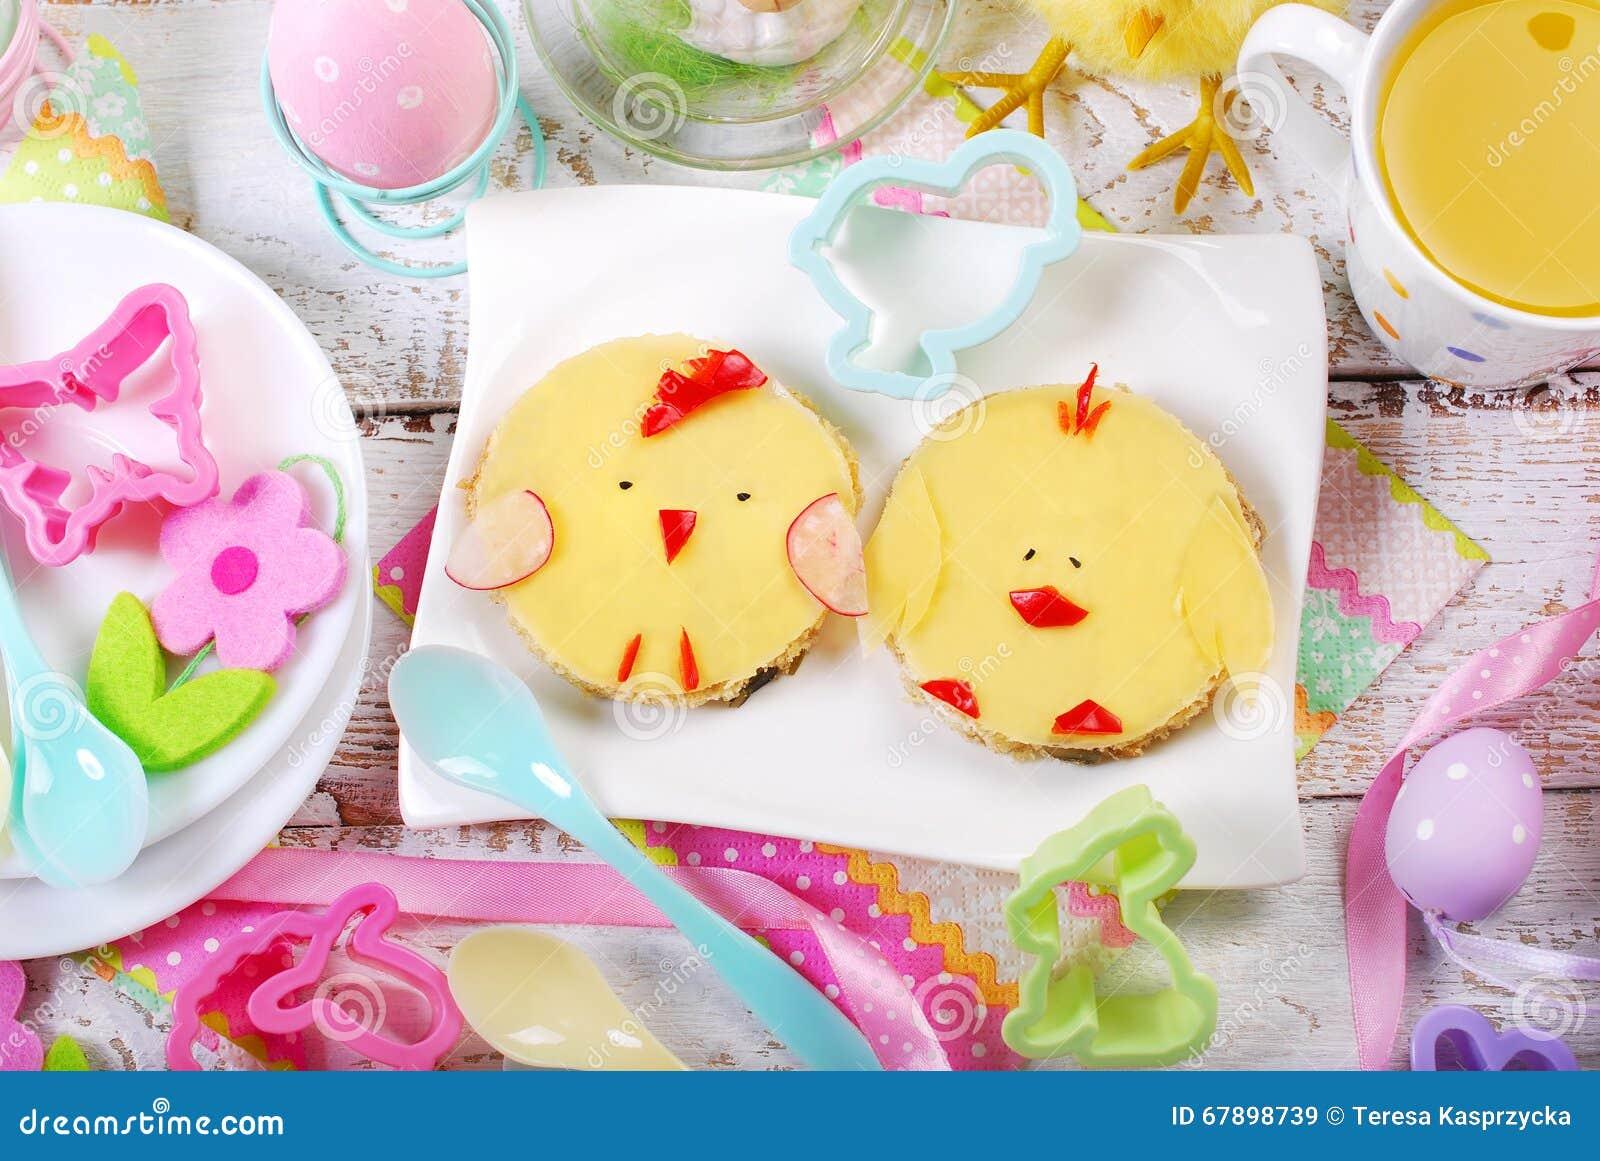 Ostern-Frühstück für Kinder mit lustigen Sandwichen